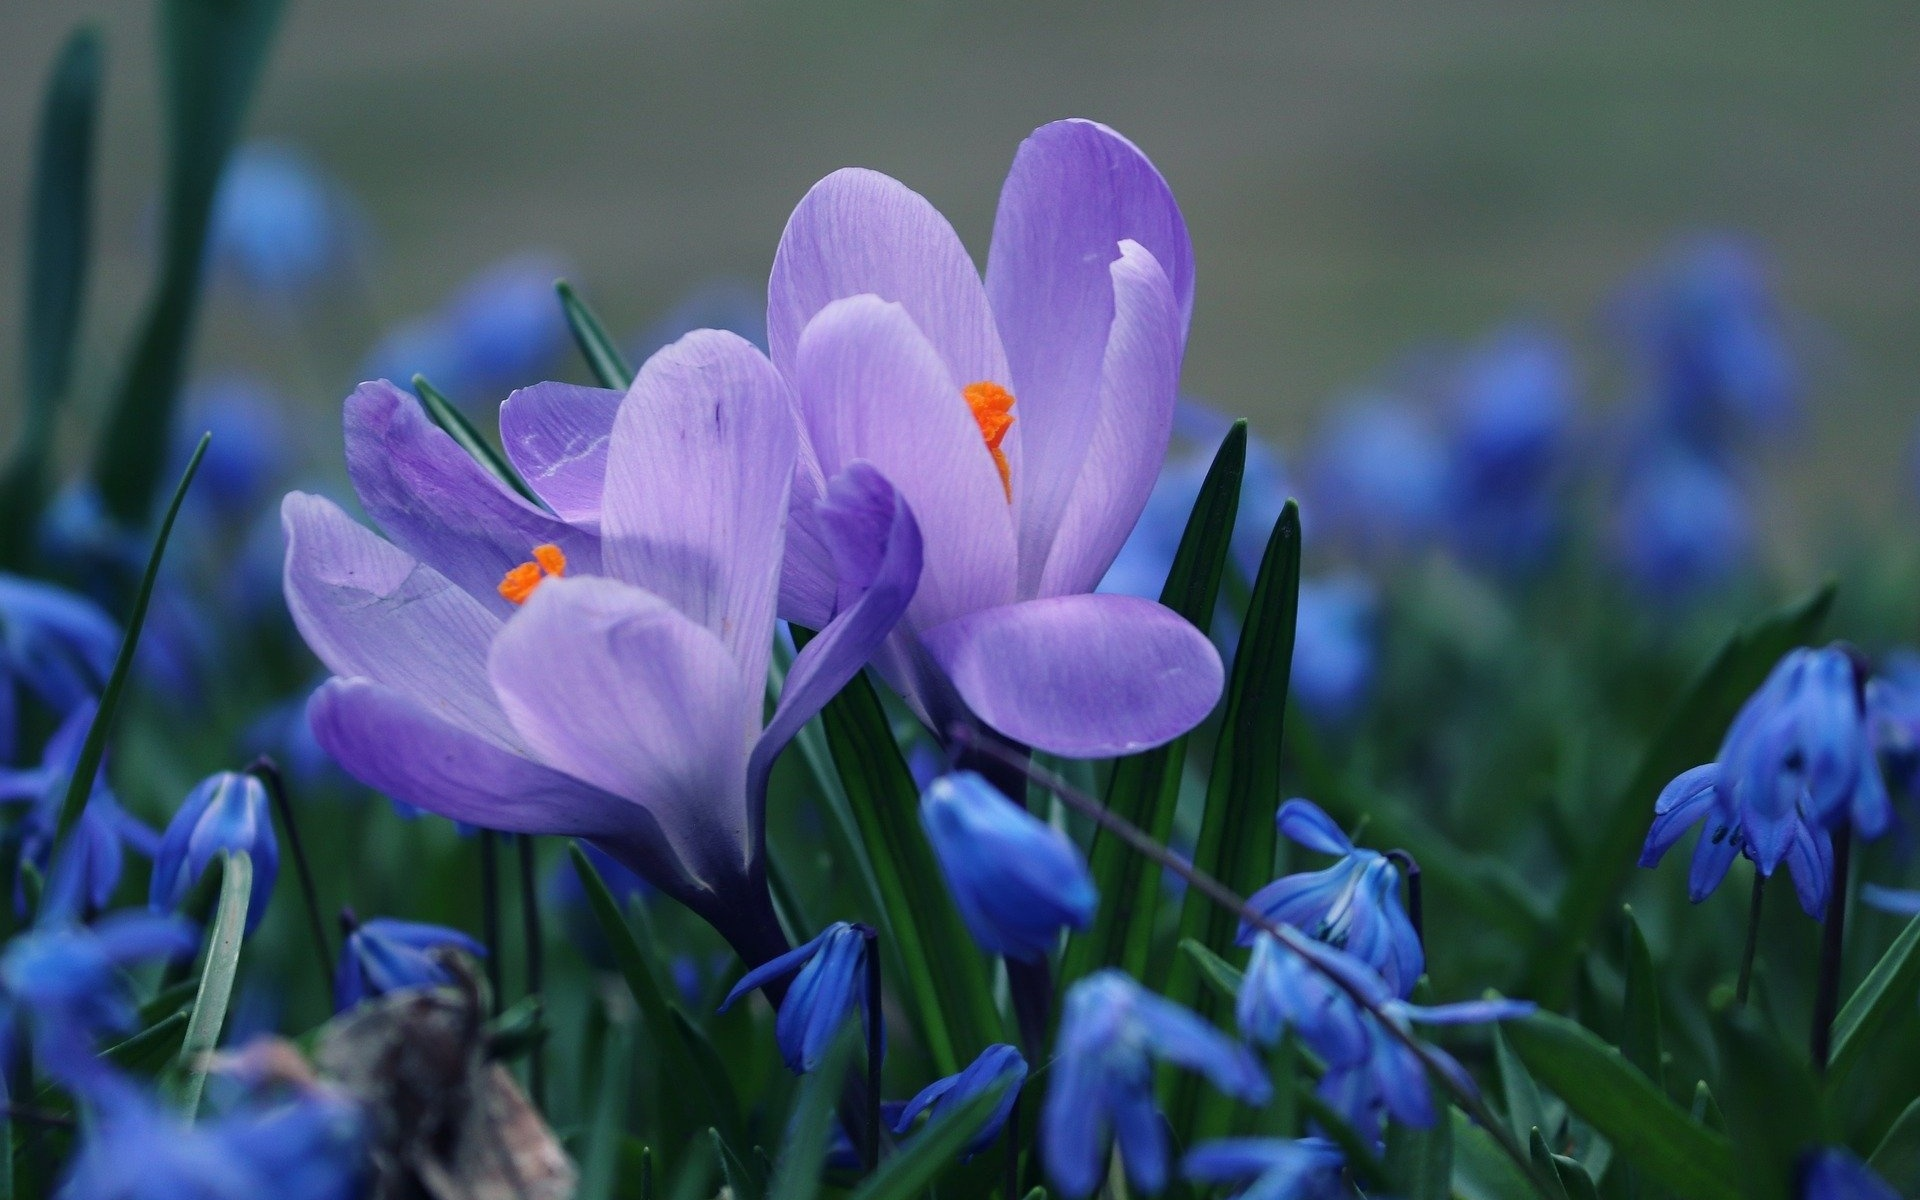 природа, весна, первоцветы, подснежники, крокусы